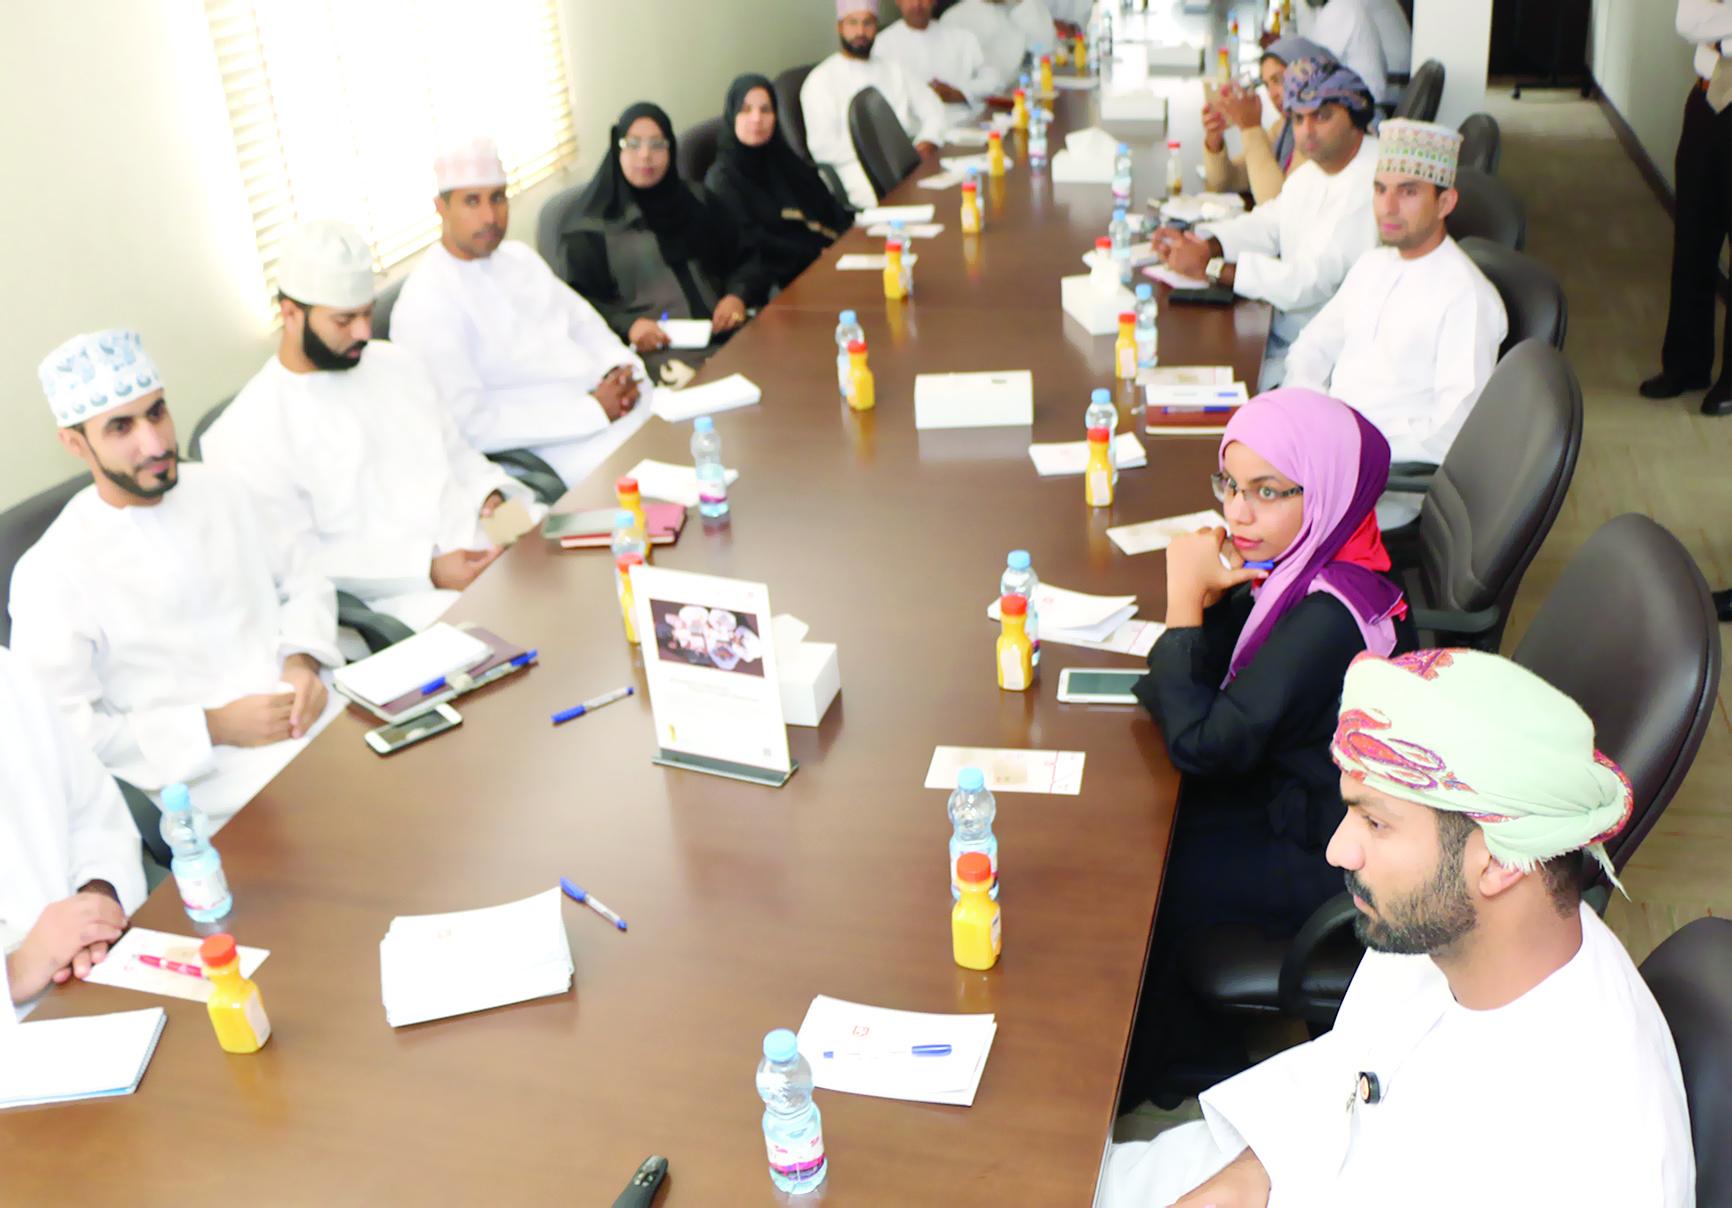 جلسة تعريفية بالخدمات المالية المتاحة للمؤسسات الصغيرة